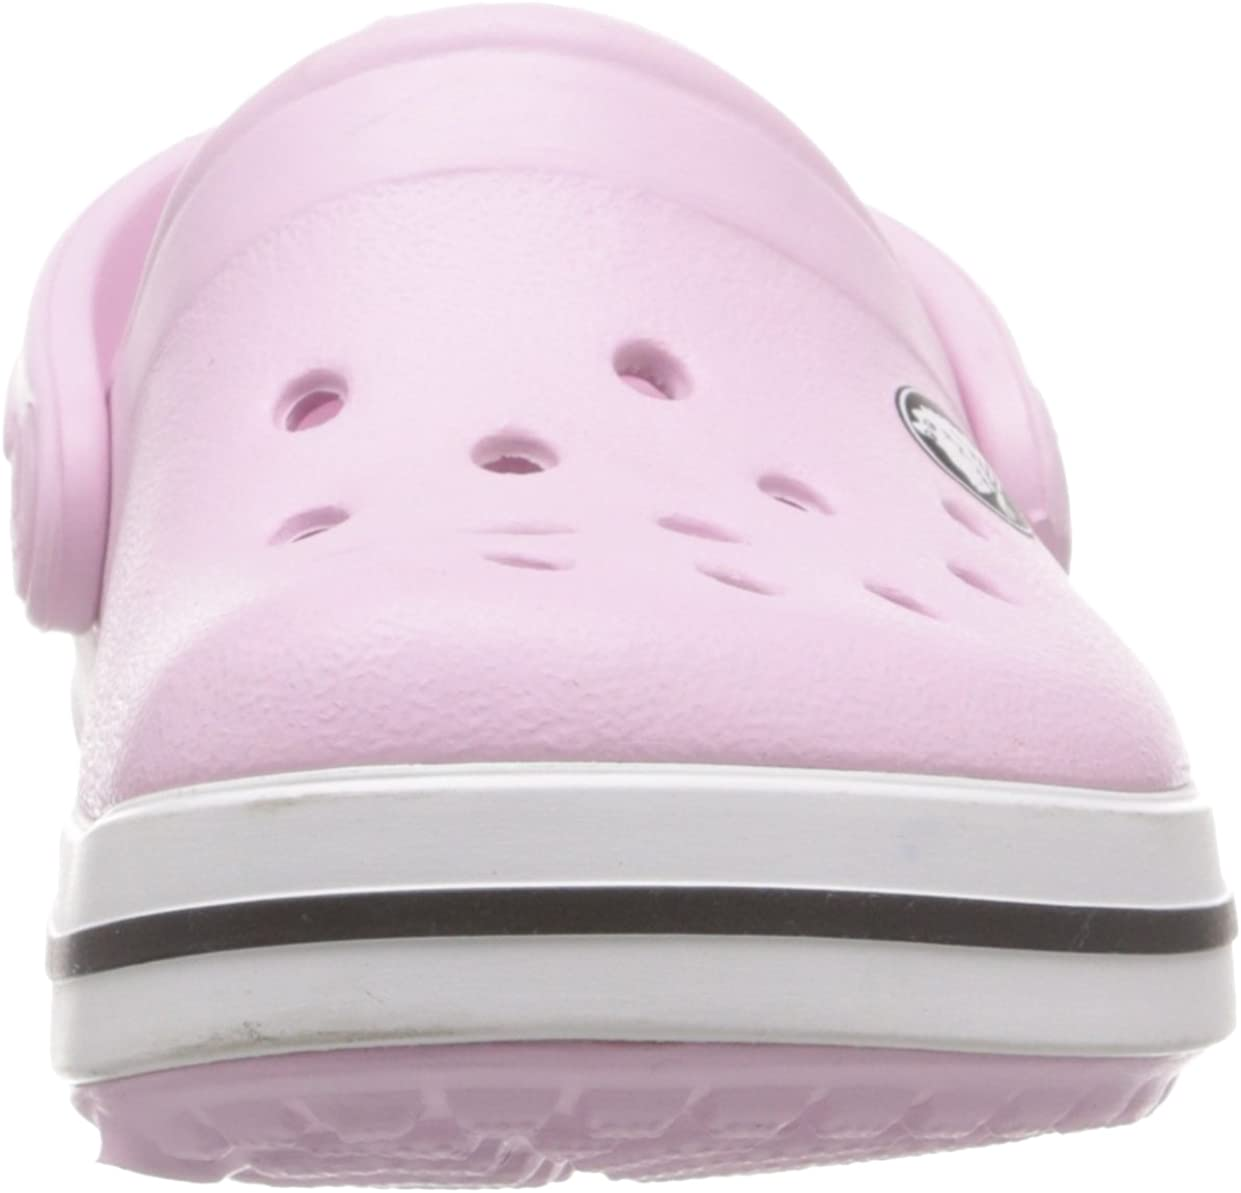 Zoccoli Unisex Bambini Crocs Crocband Kids